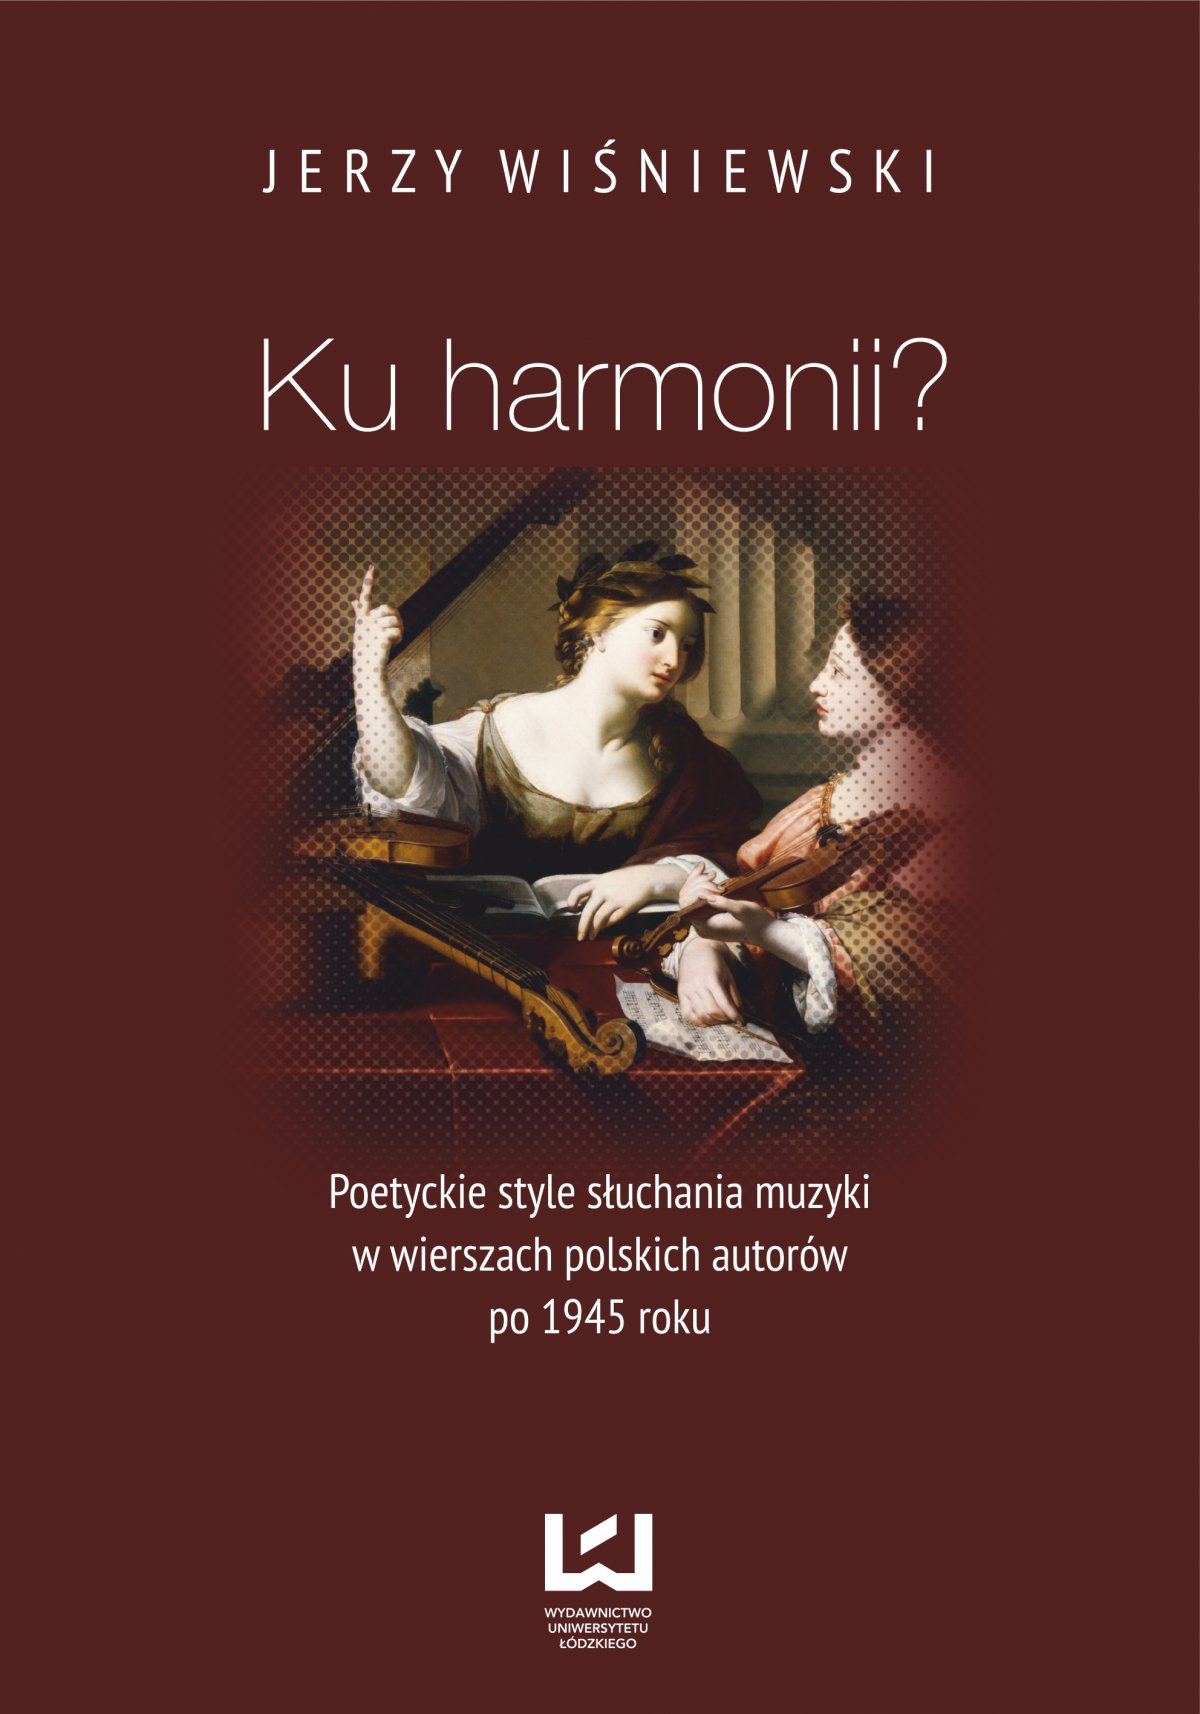 Ku harmonii? Poetyckie style słuchania muzyki w wierszach polskich autorów po 1945 roku - Ebook (Książka PDF) do pobrania w formacie PDF